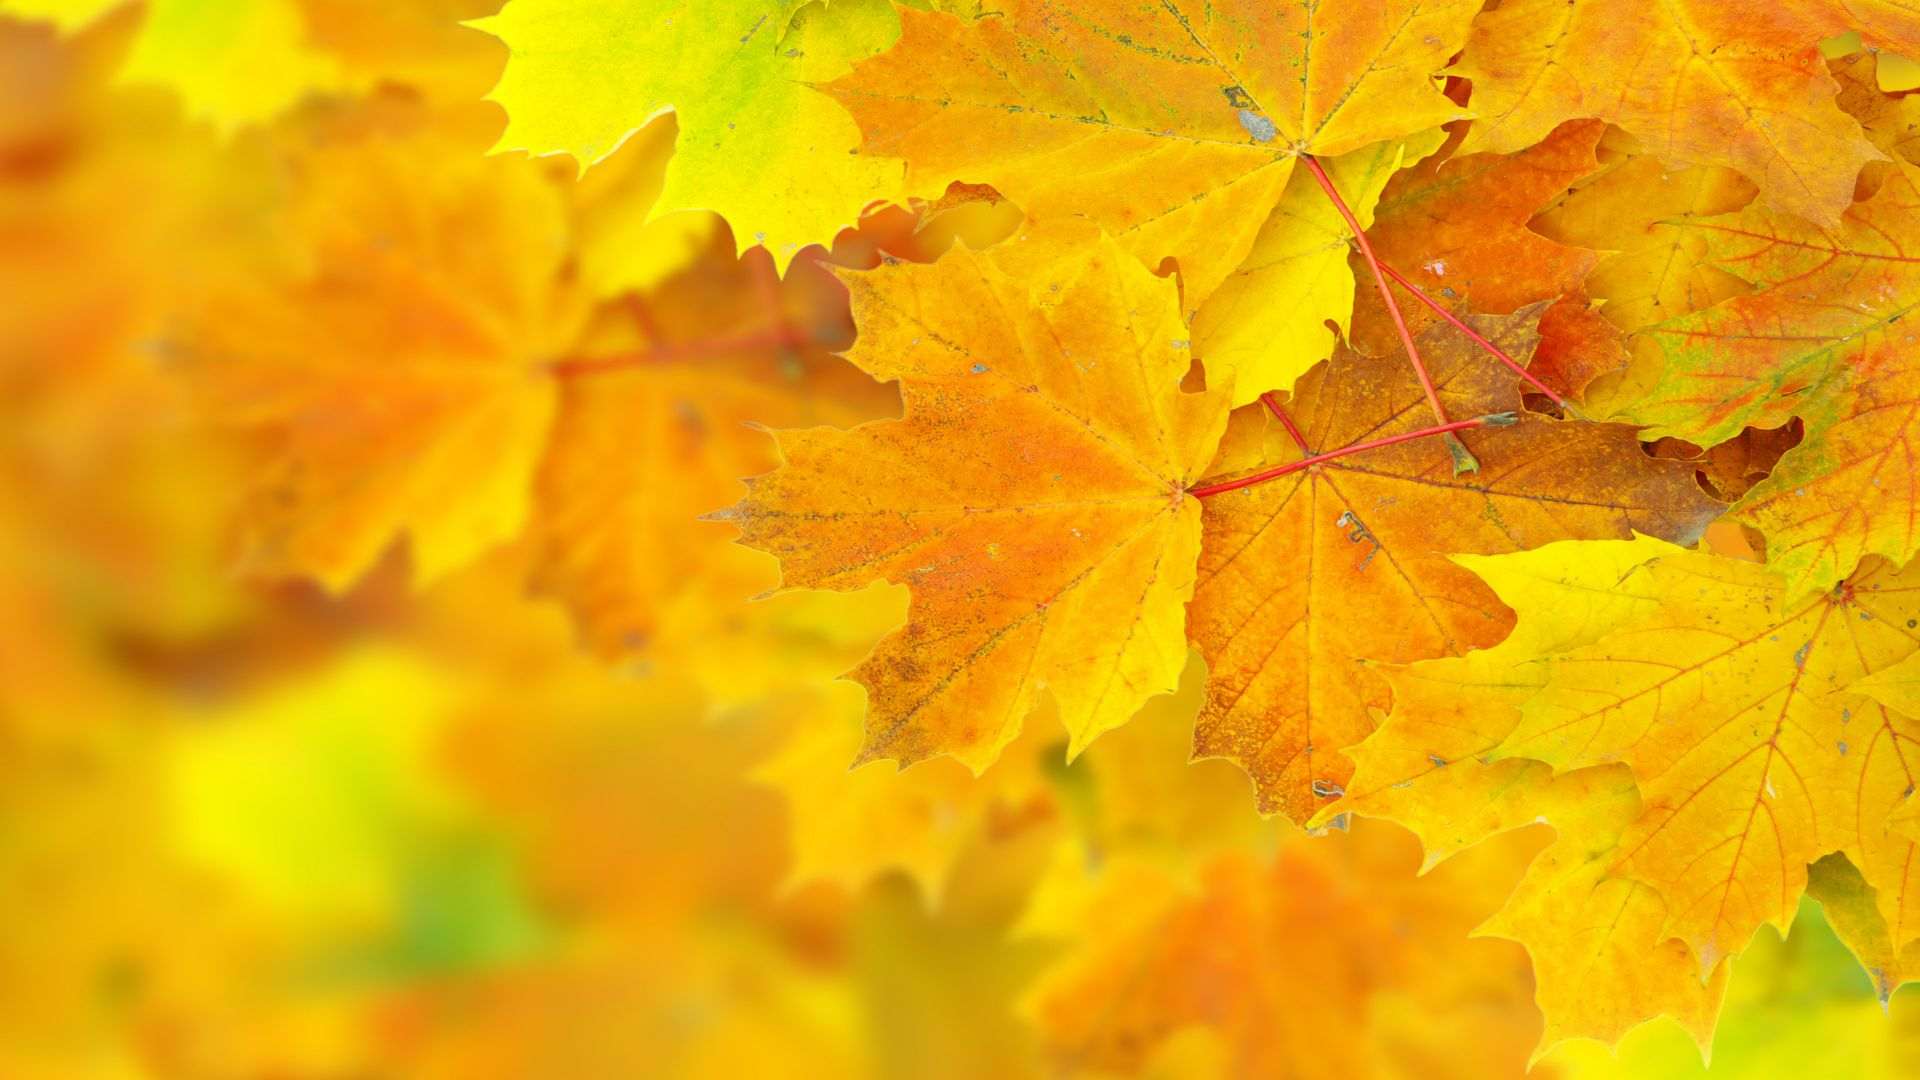 Wallpaper Leaves, 5k, 4k Wallpaper, 8k, Maple, Macro